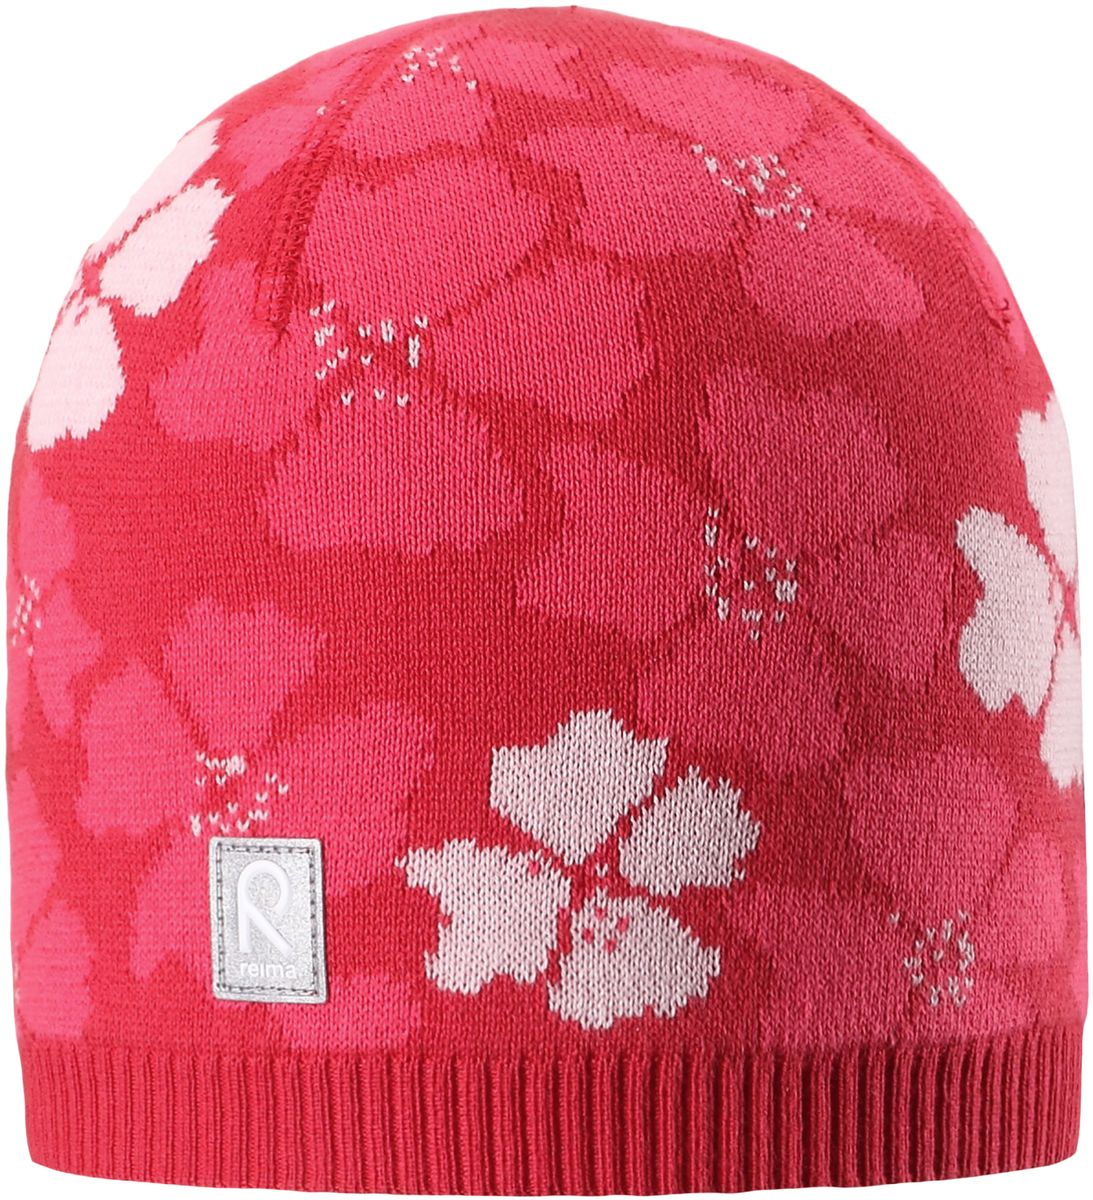 Шапка для девочки Reima Paradise, цвет: красный. 5285233720. Размер 565285233720Удобная детская шапка яркой расцветки рассчитана на межсезонье, в ней можно и поиграть во дворе, и прогуляться по городу. Она изготовлена из мягкого и комфортного вязаного хлопка. Эта облегченная модель без подкладки идеально подходит для солнечной погоды. Яркий сплошной жаккардовый узор будет отлично смотреться.